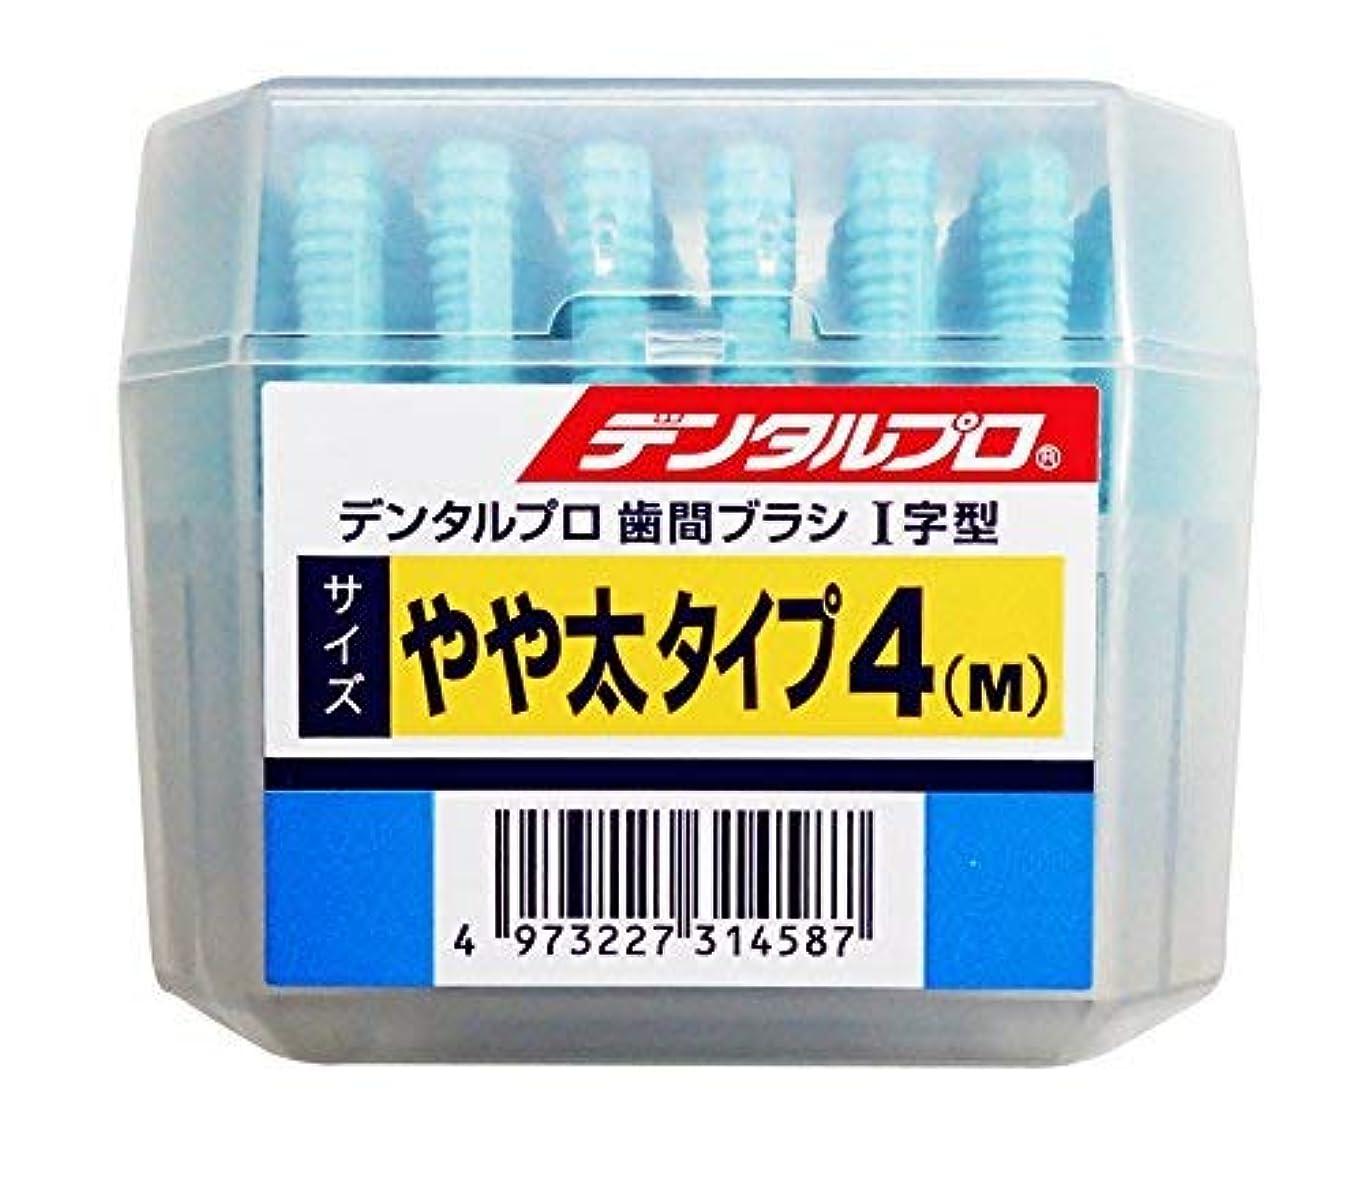 汚染された噴火青デンタルプロ歯間ブラシ I字 50P サイズ4(M) × 30個セット